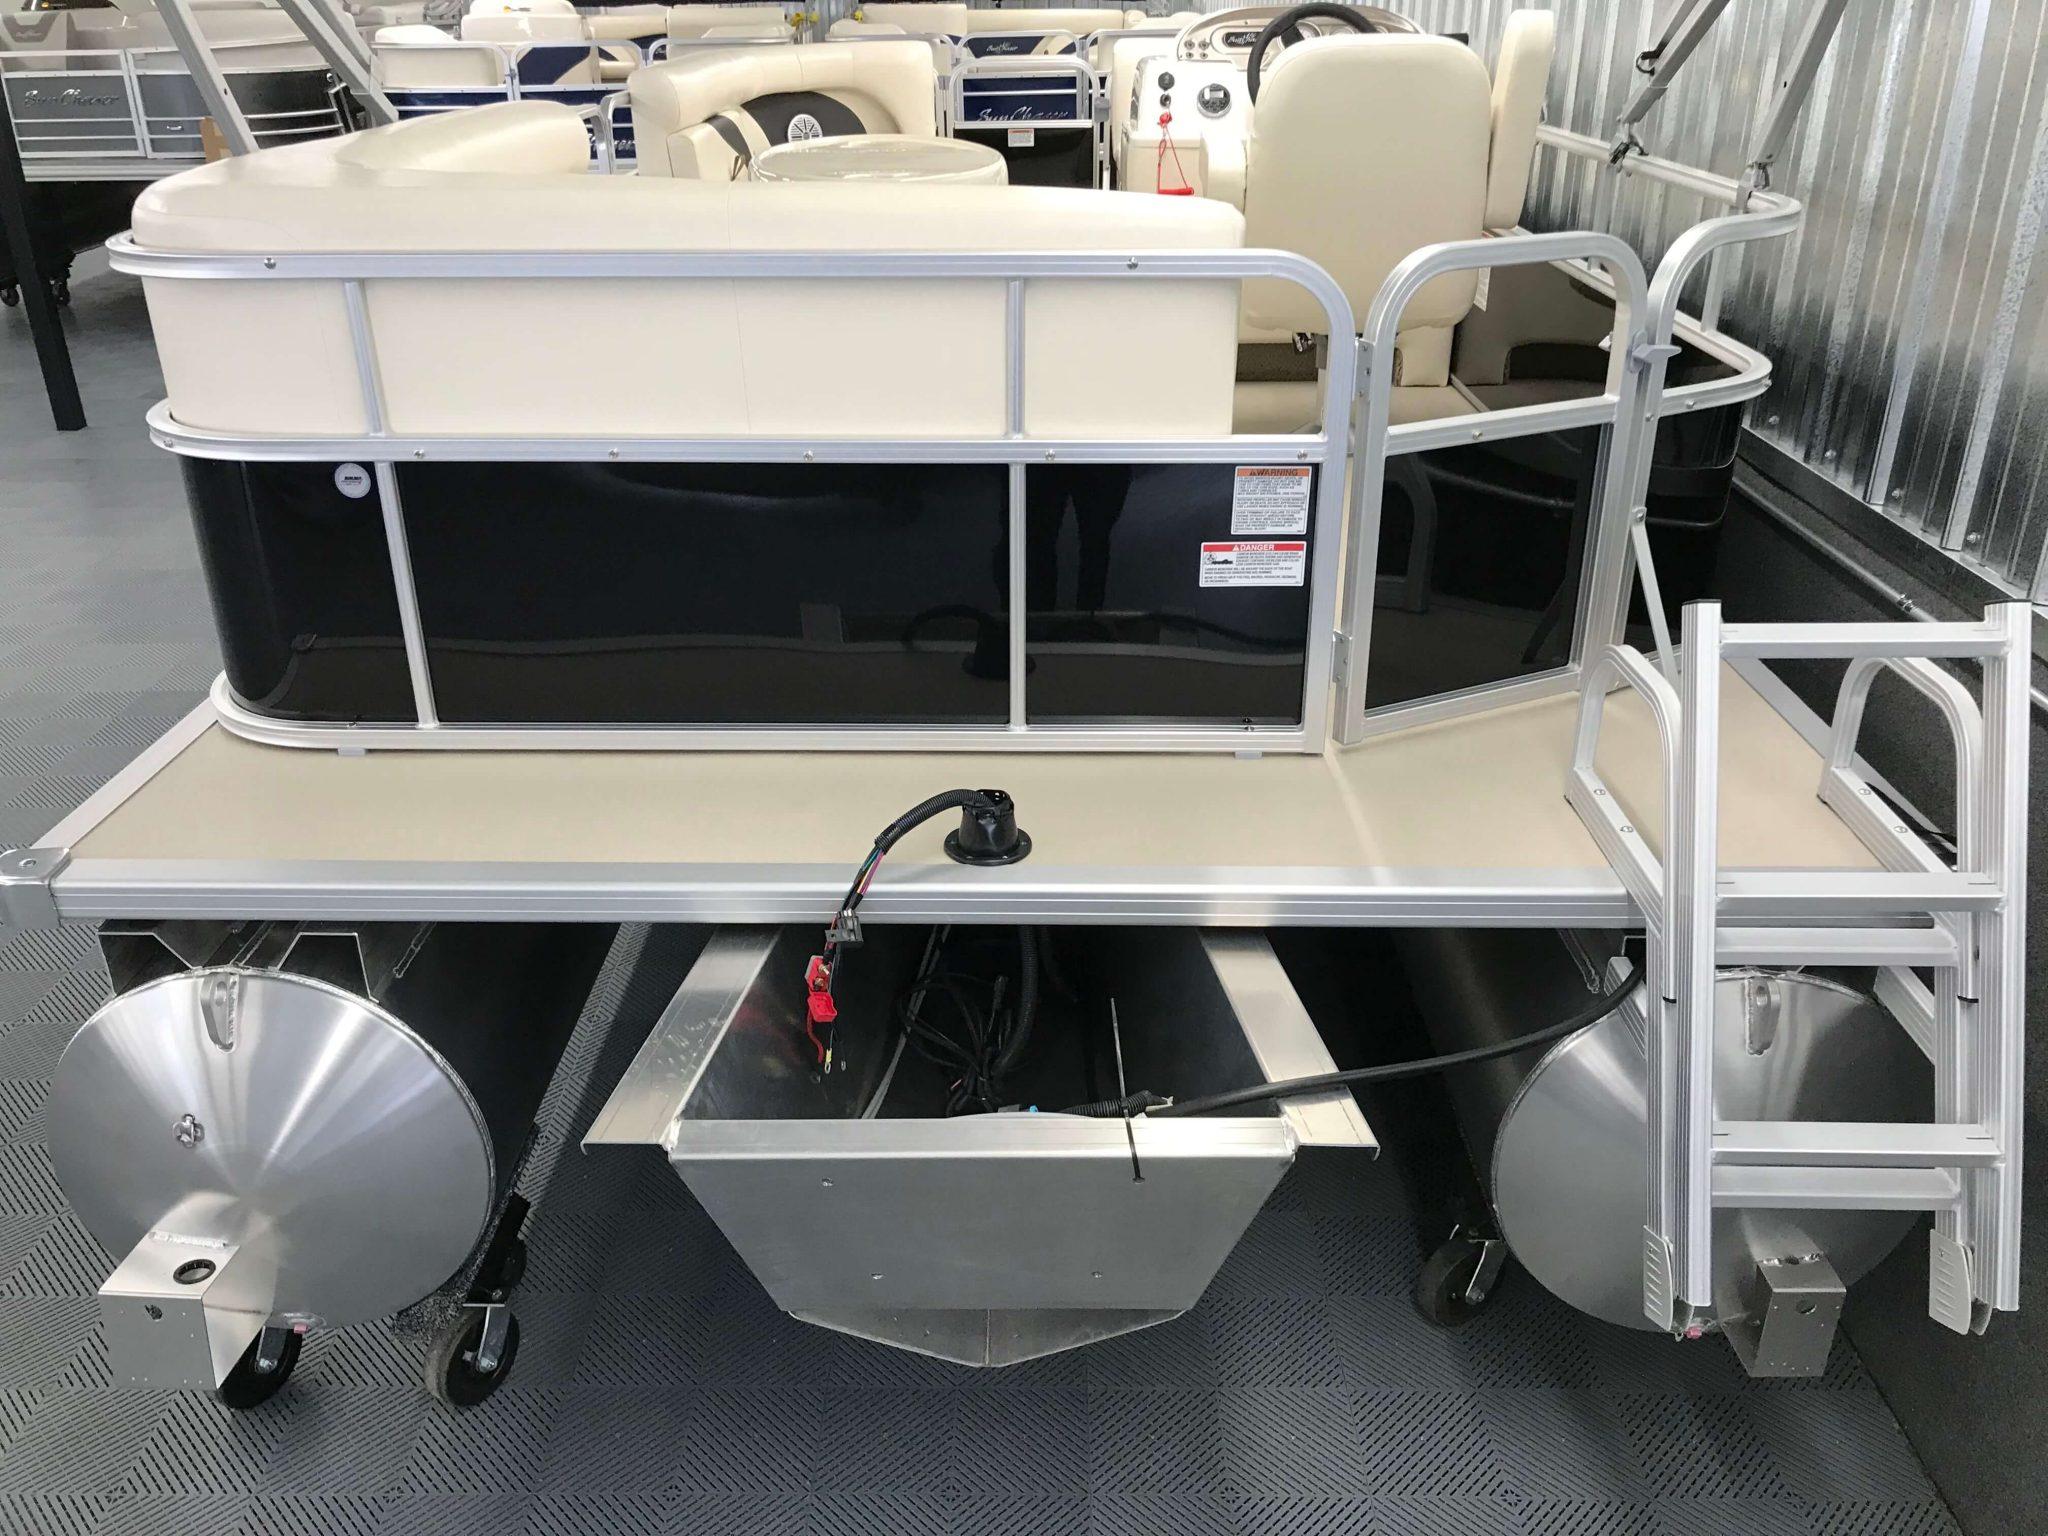 2019 SunChaser Oasis 820 Cruise Black 8